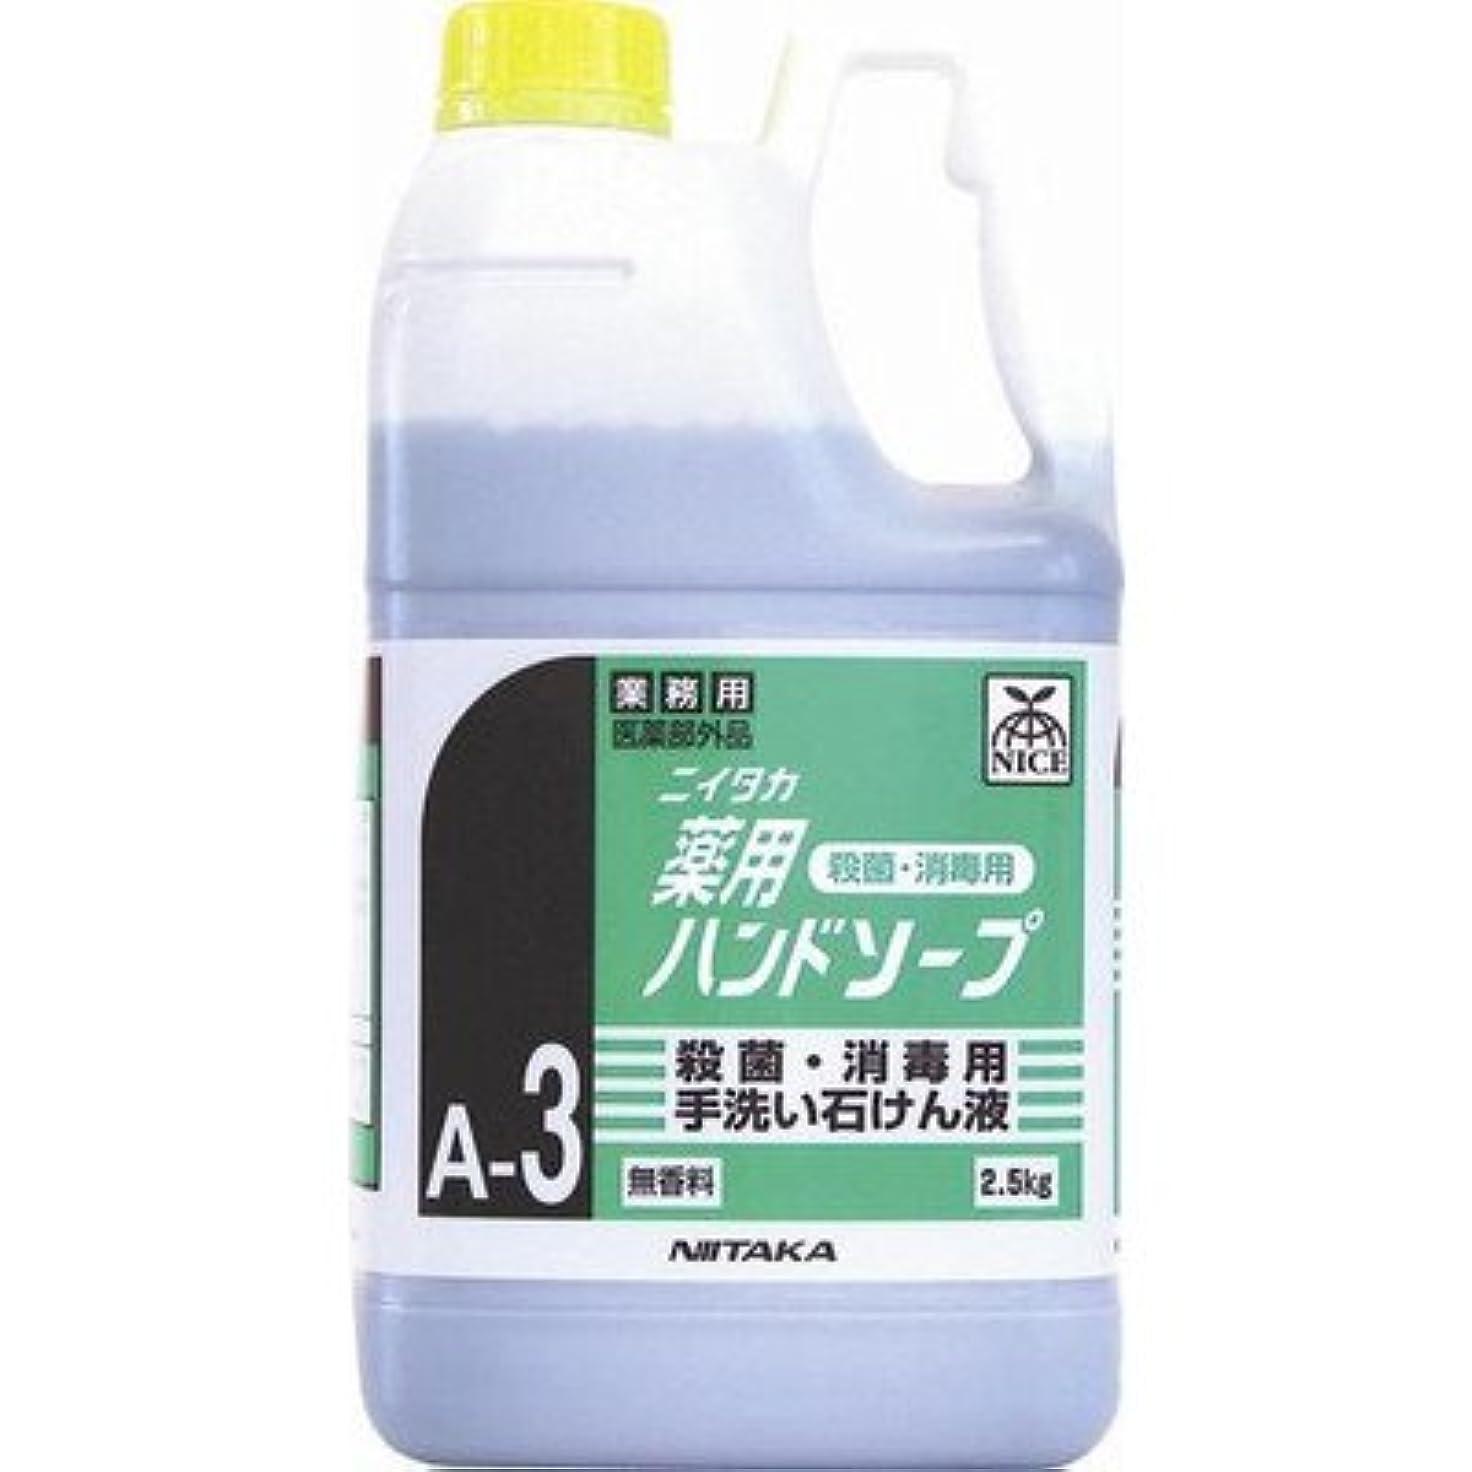 政治合併症ゲージニイタカ 業務用手洗い石けん液 薬用ハンドソープ(A-3) 2.5kg×6本